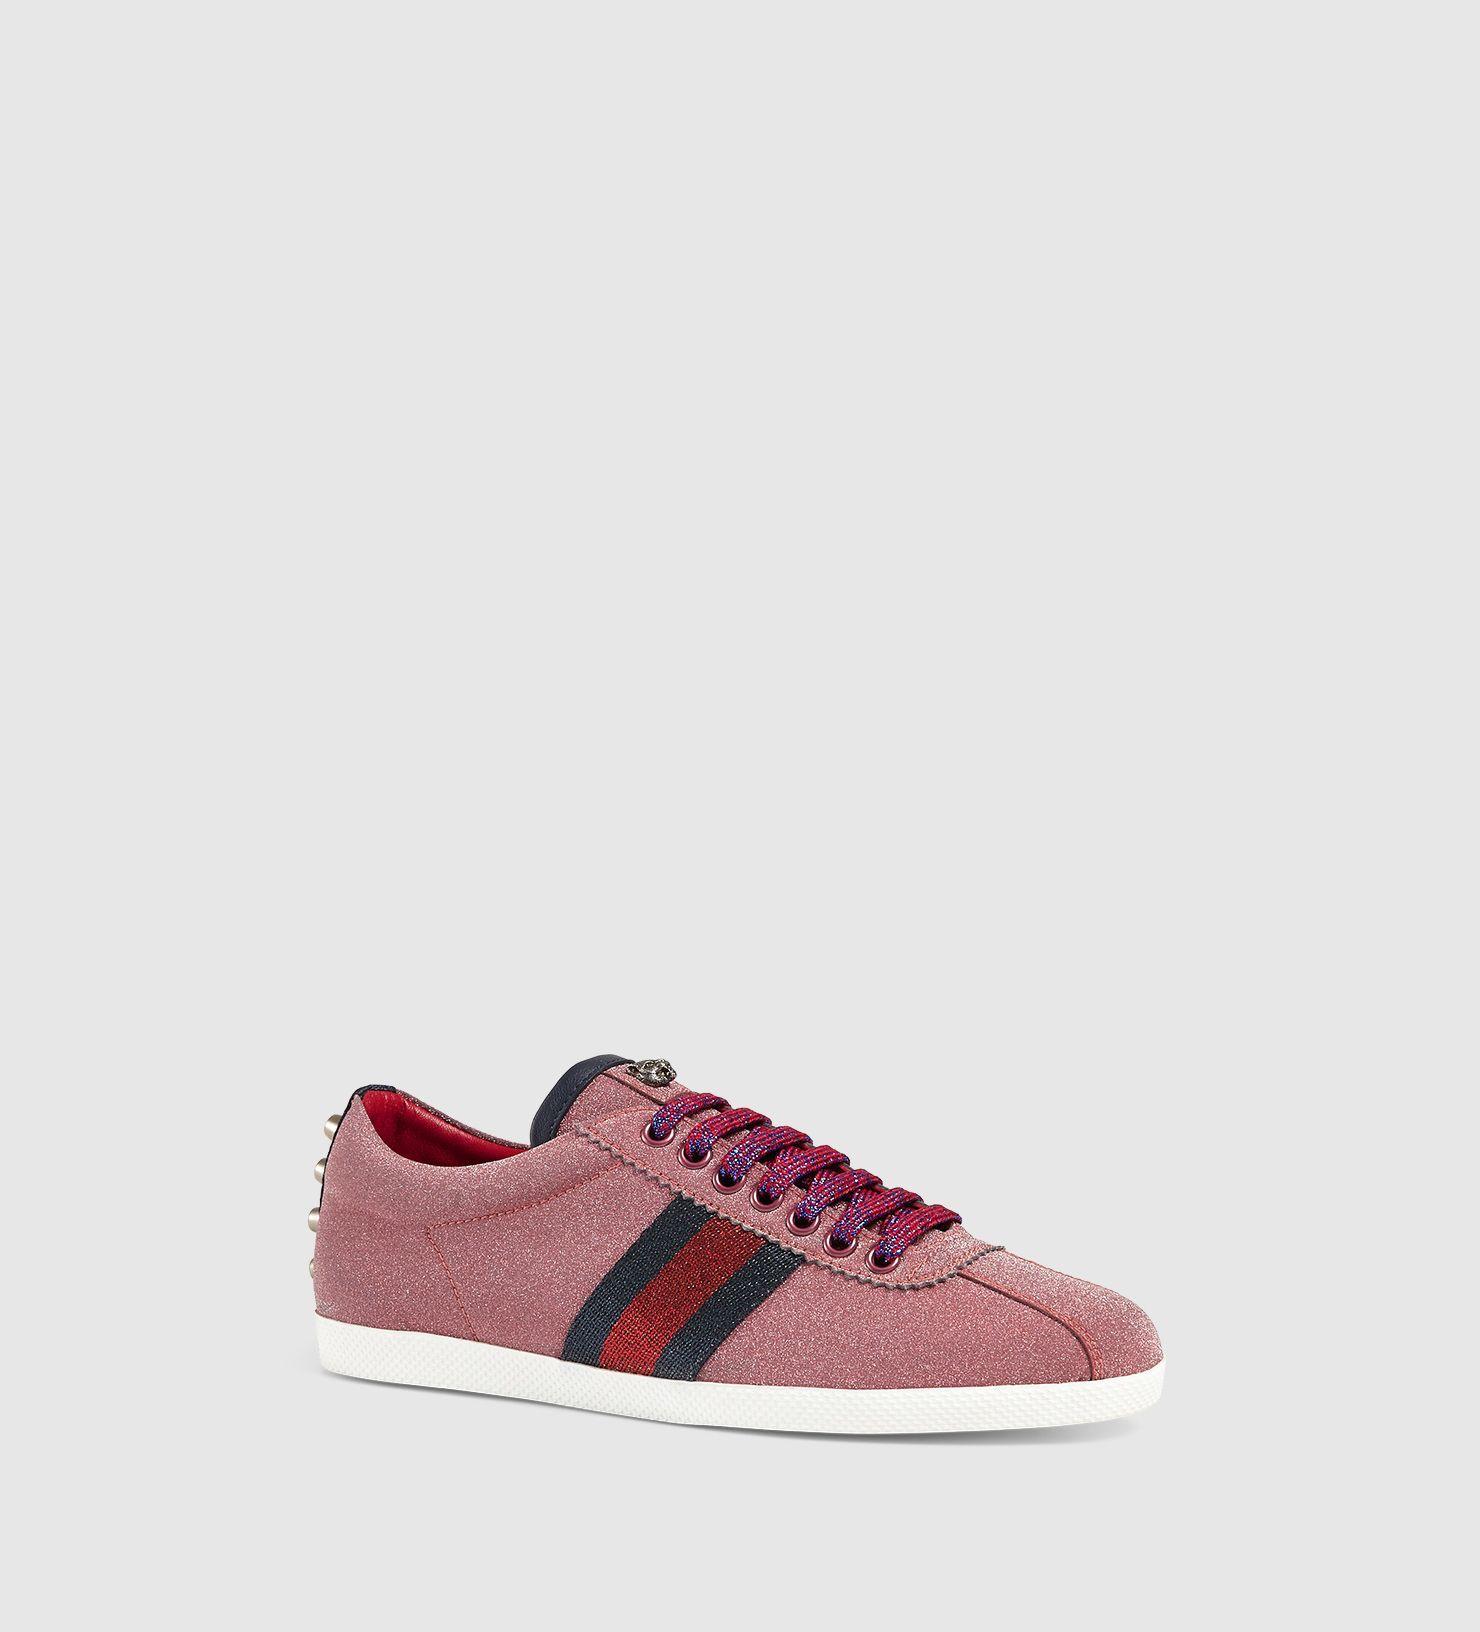 4b2bd1ed7 Gucci Pink Glitter Logo - Gucci Glitter Web Sneaker in Pink - Lyst